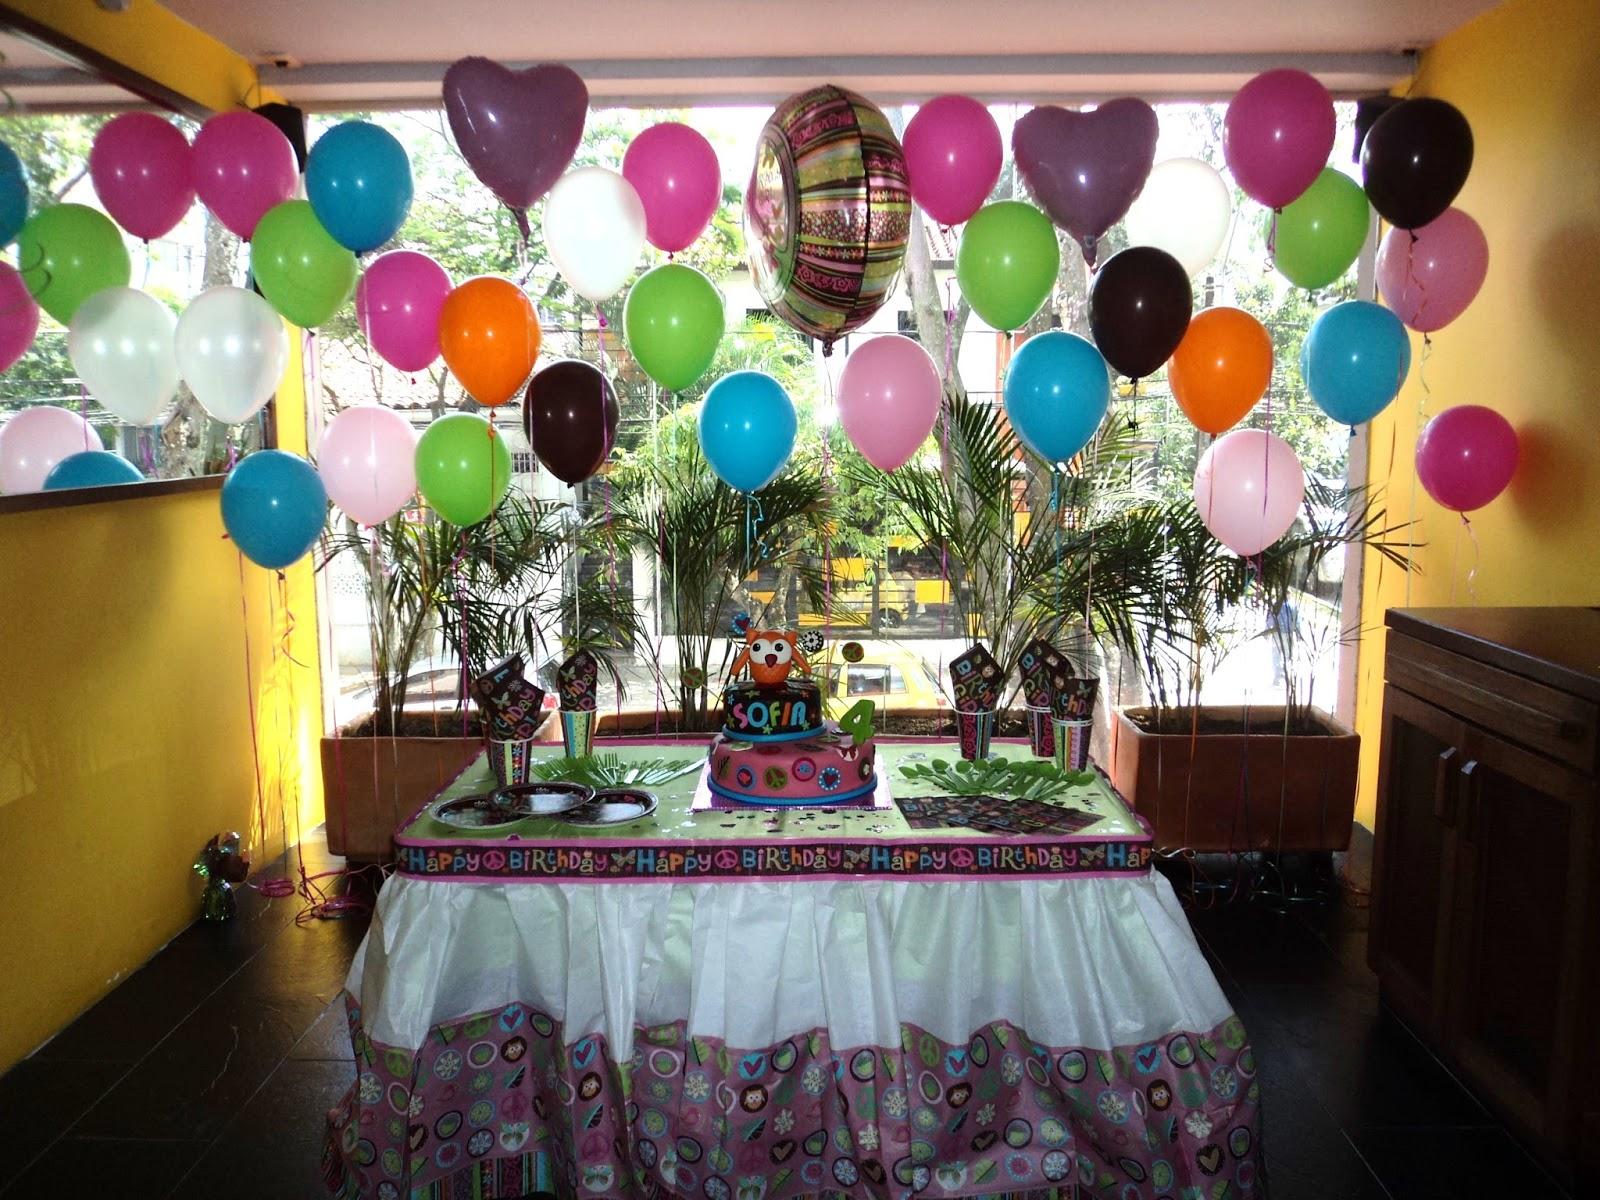 Decoracion Para Grado Hombre ~   EN PIZZERIAS Y RESTAURANTES ~ Party Fiestas  Decoraciones con globos